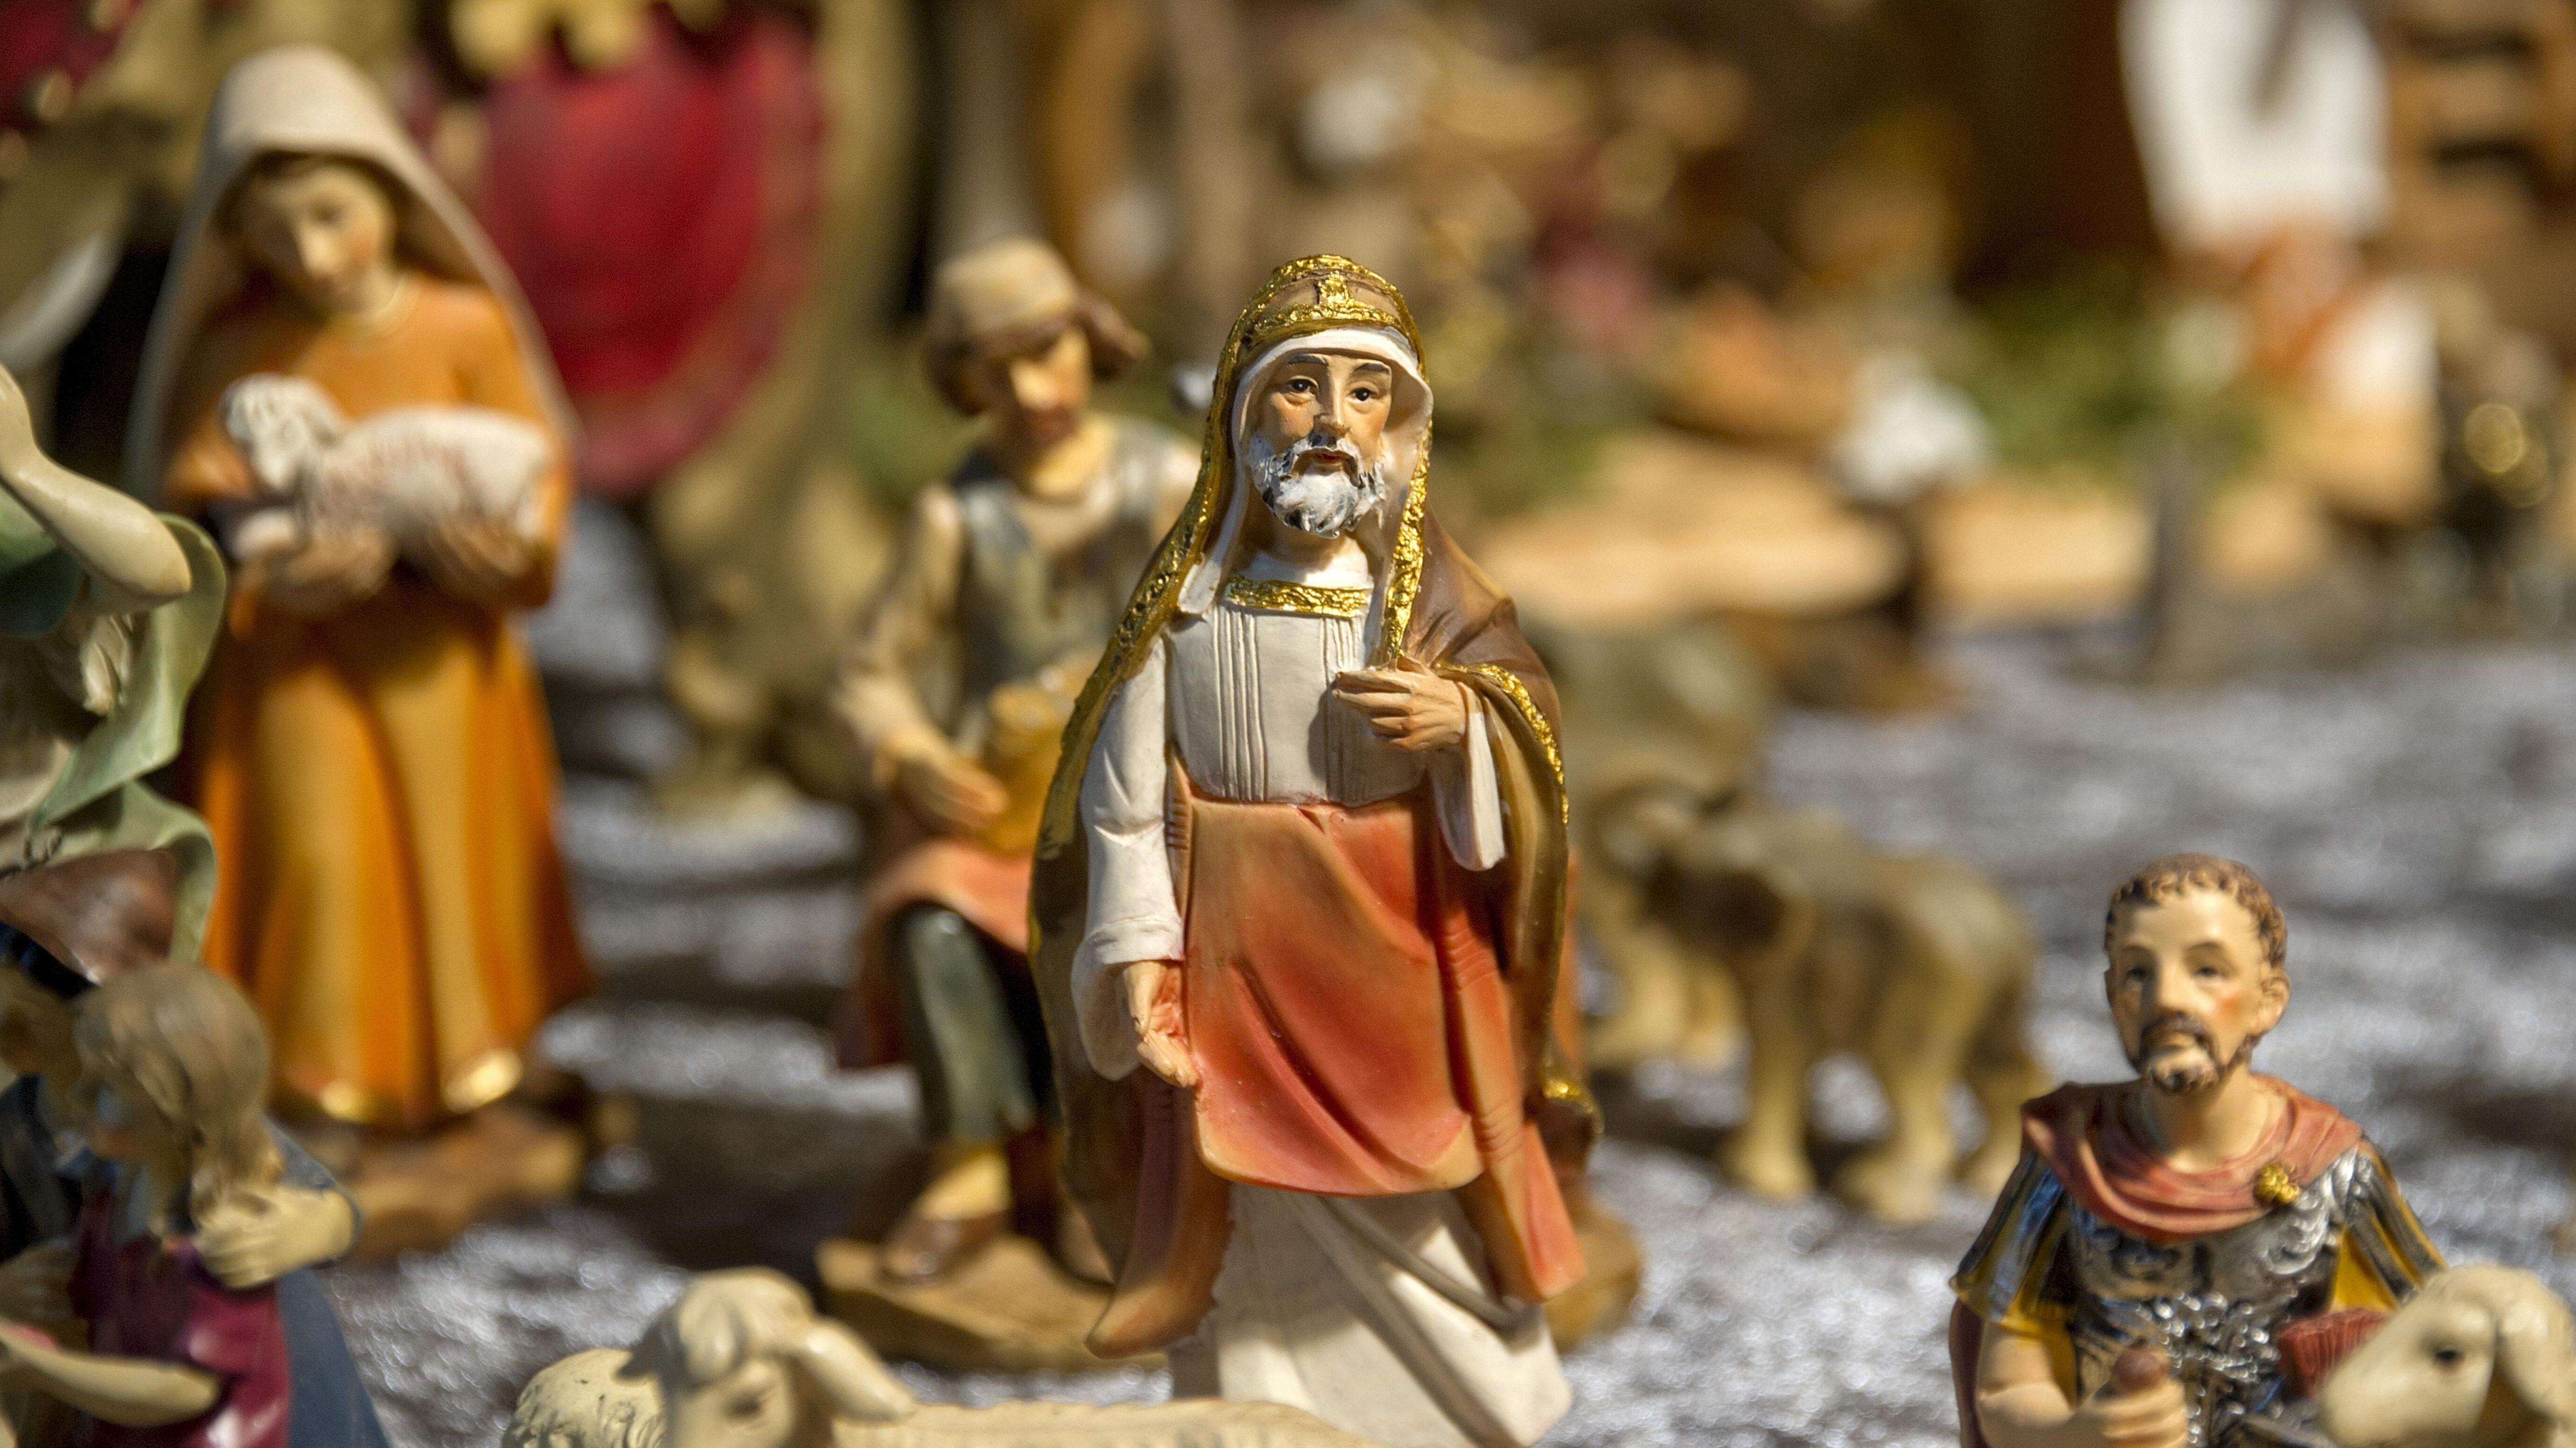 Krippenfiguren, Weihnachtsmarkt, Schloss St. Emmeram